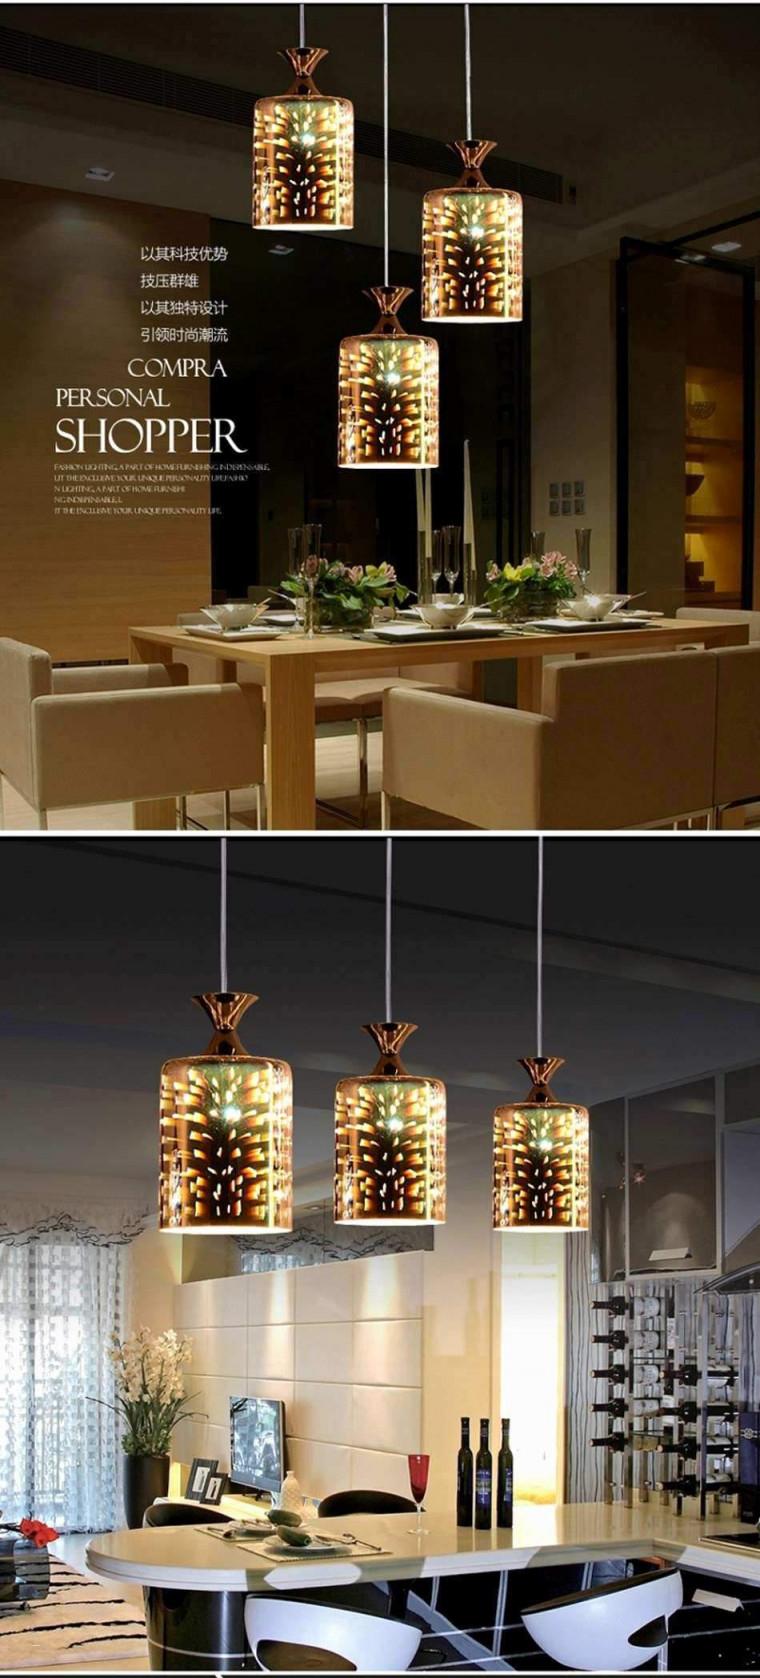 Lampe Für Wohnzimmer Reizend 45 Oben Von Von Wohnzimmer von Wohnzimmer Lampe Landhausstil Photo